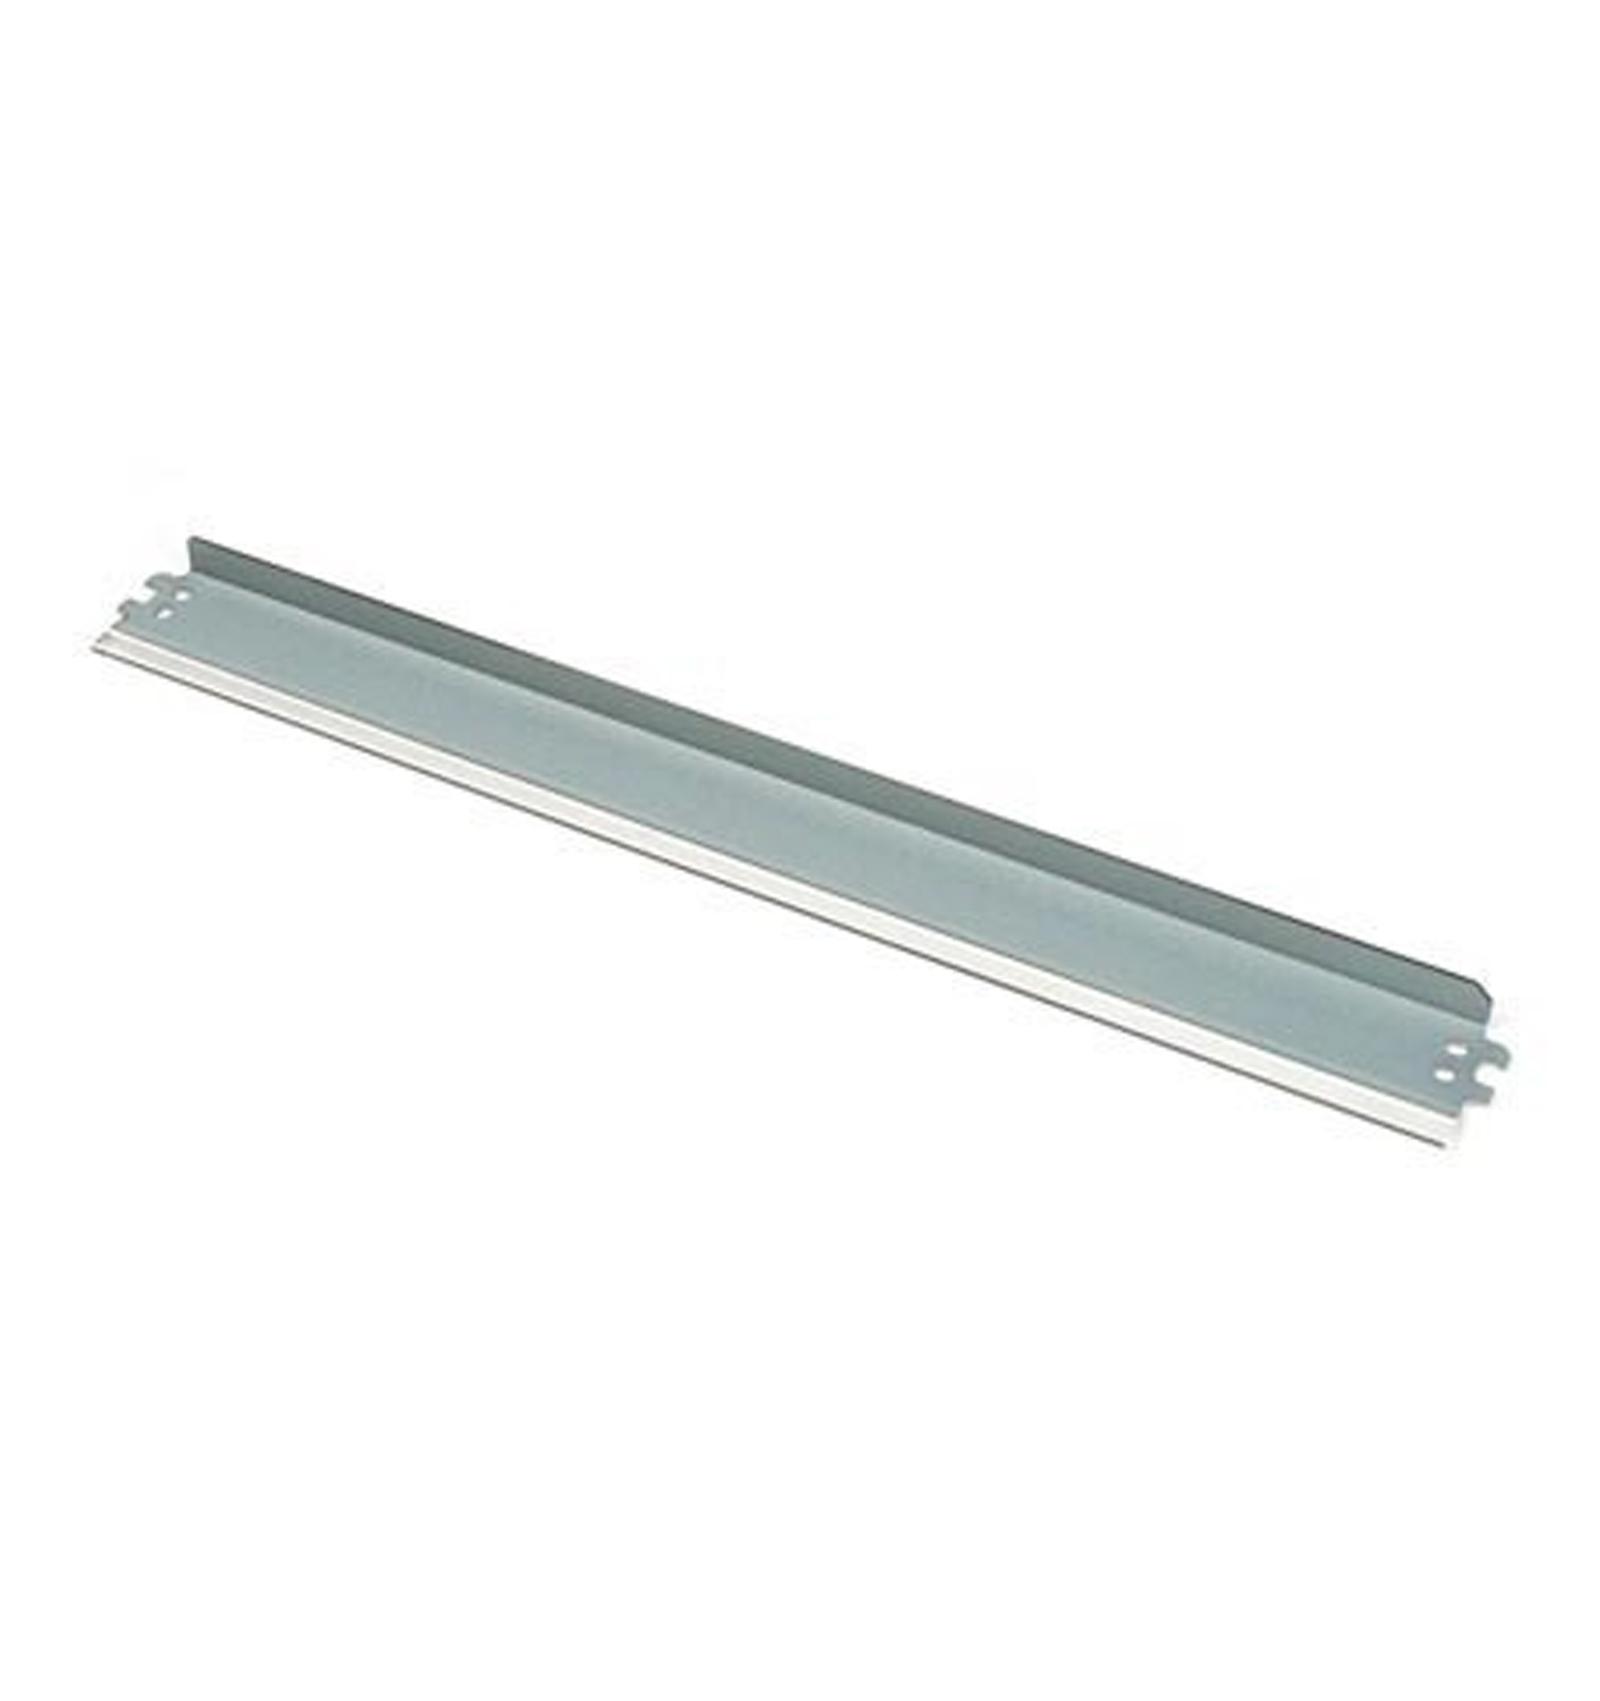 Замена ракеля картриджа HP C7115A/X (15A/X) для LaserJet 1000w/1005w/1200/1220/3300/3380